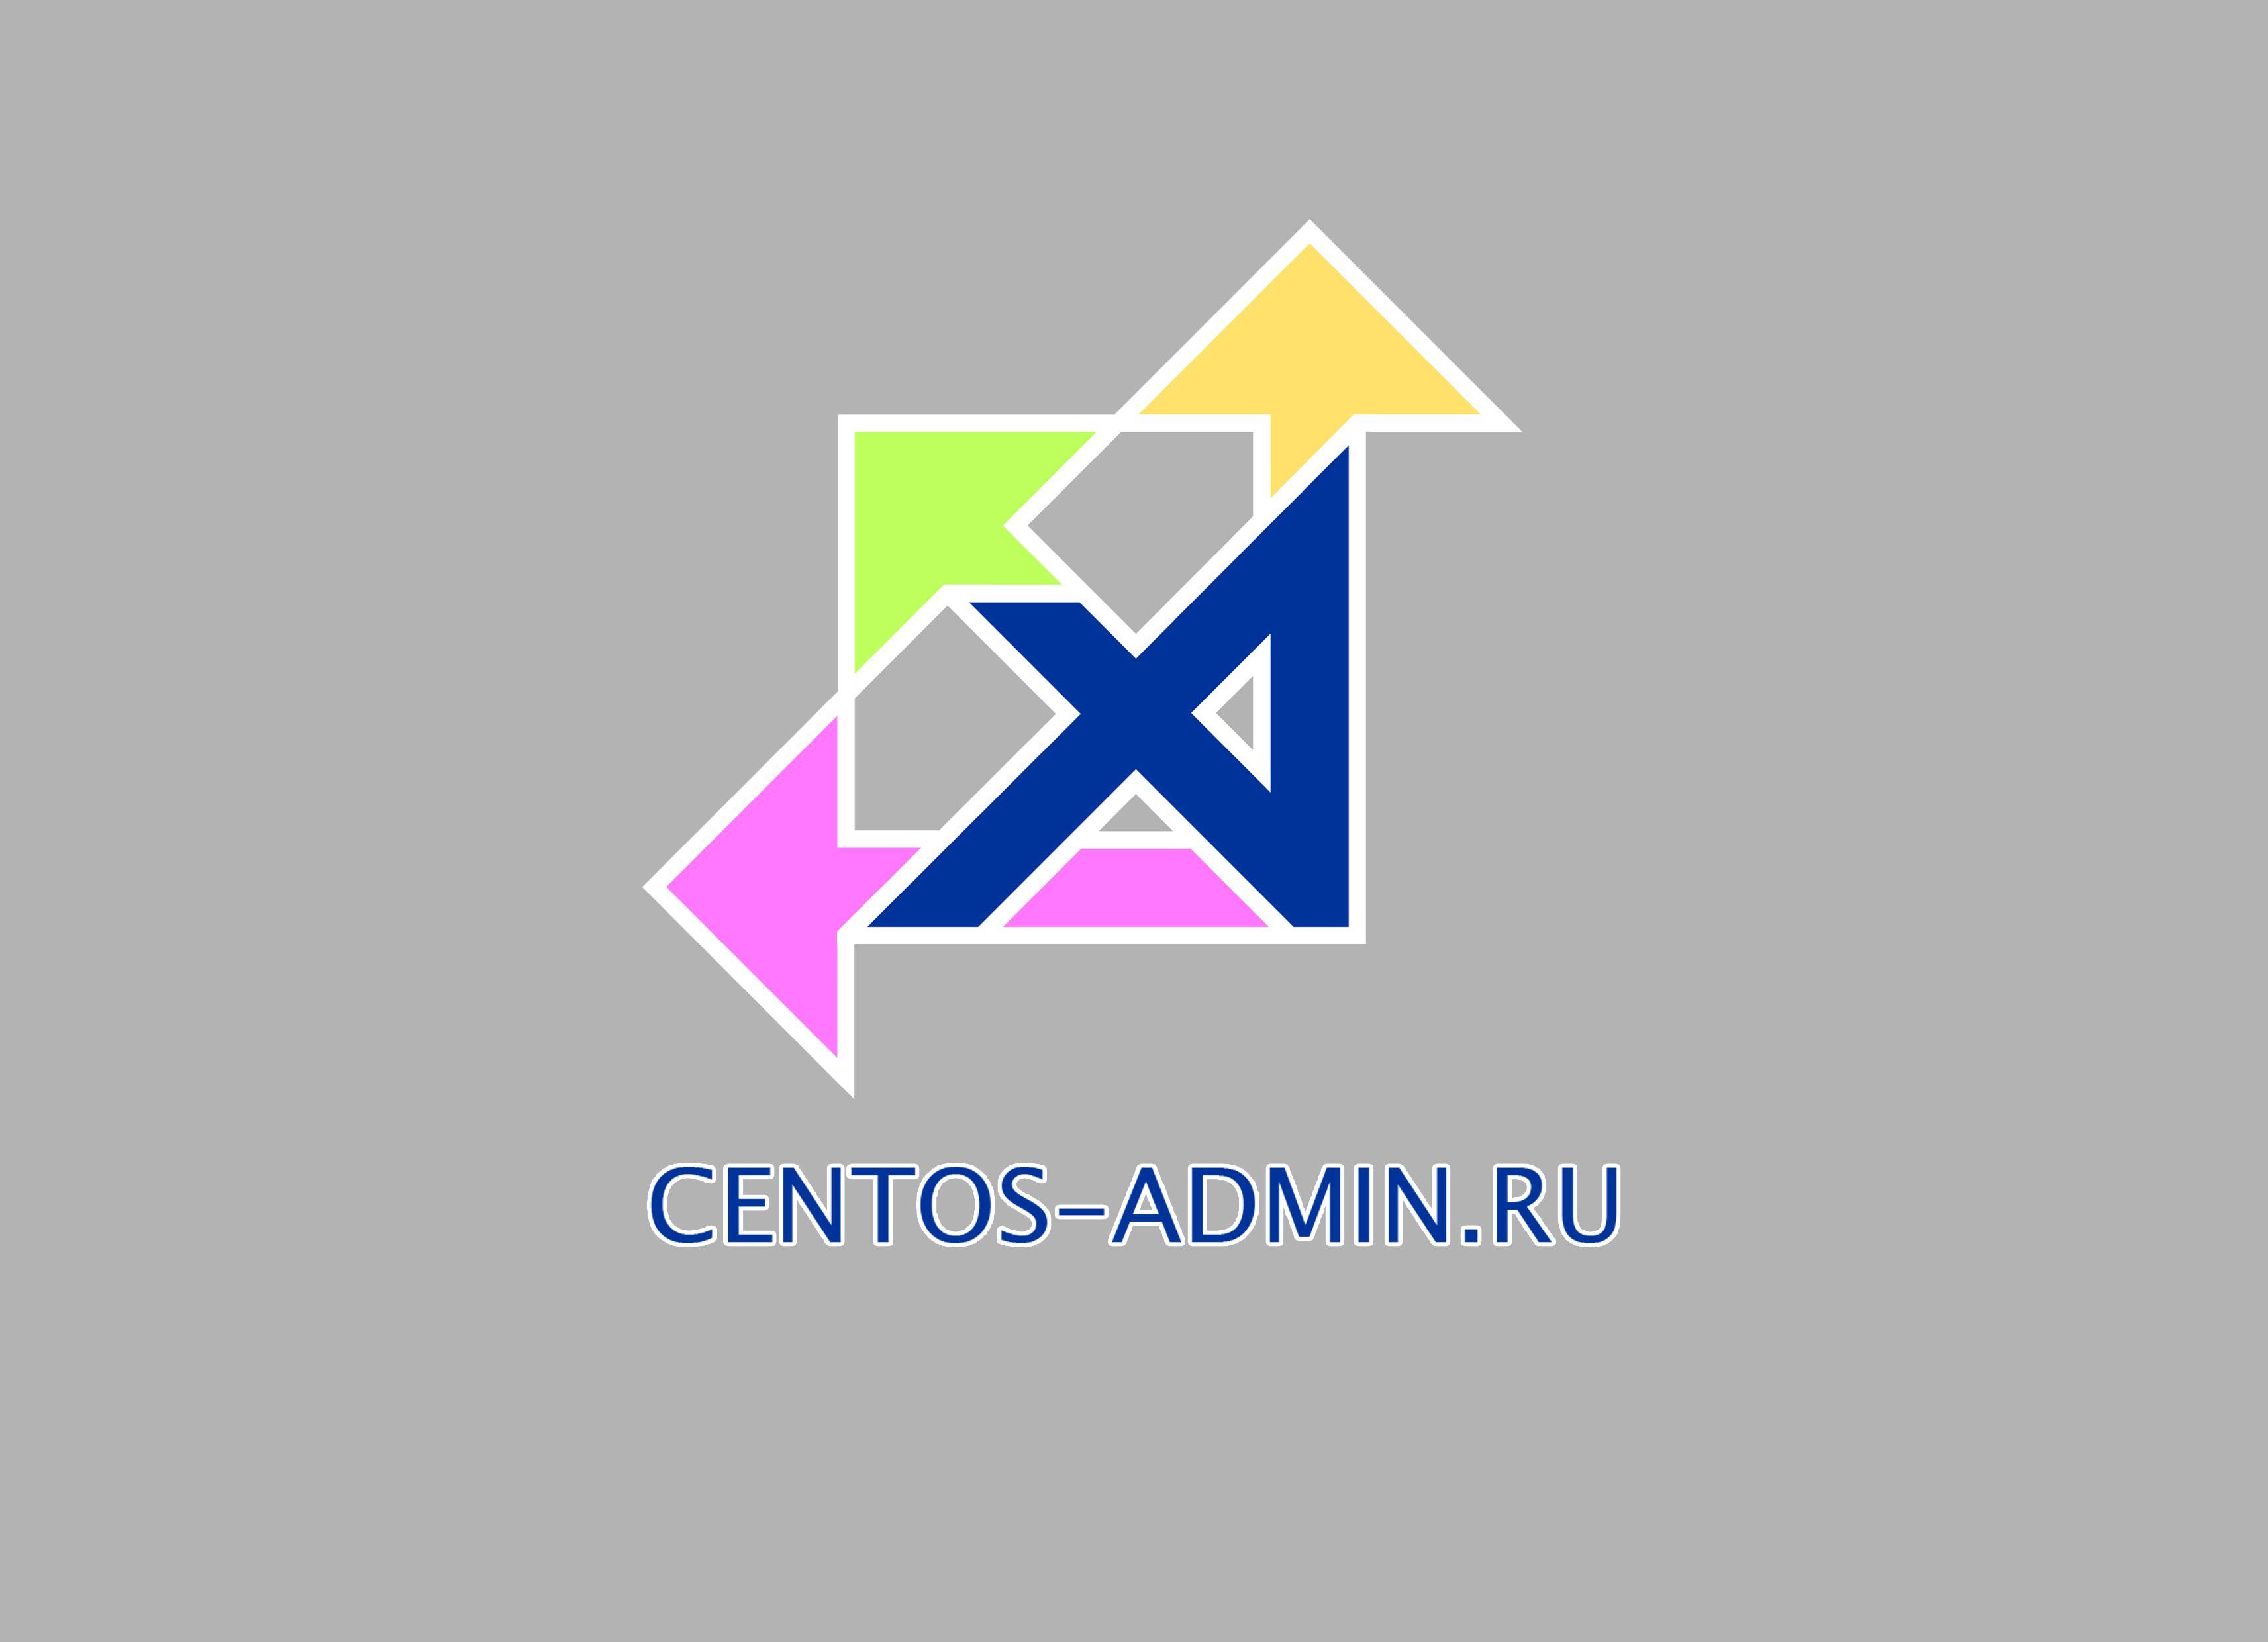 Логотип для компании Centos-admin.ru - дизайнер Ant0ni0n